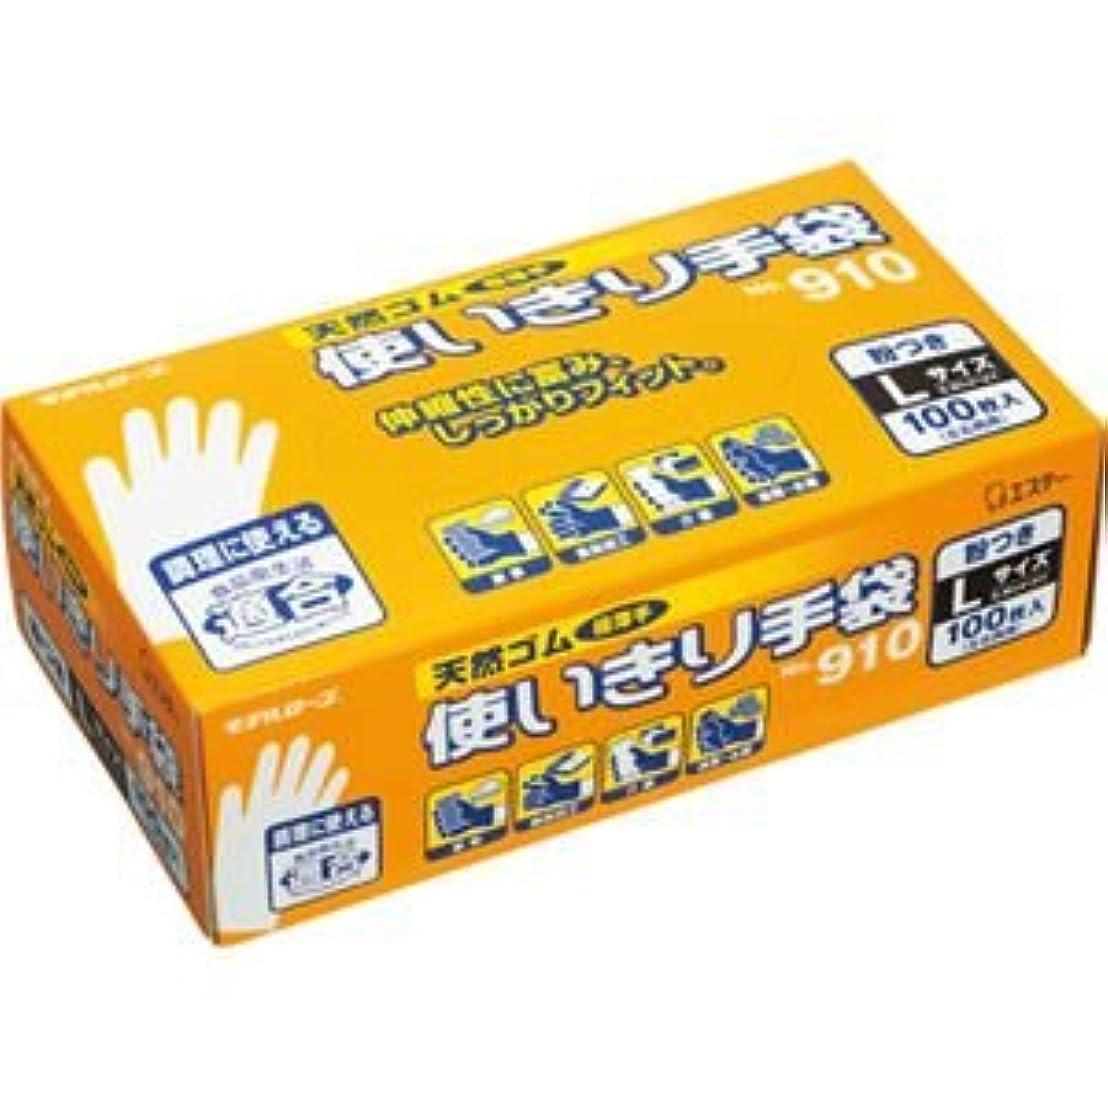 鳥領域壊滅的な(まとめ) エステー No.910 天然ゴム使いきり手袋(粉付) L 1箱(100枚) 【×5セット